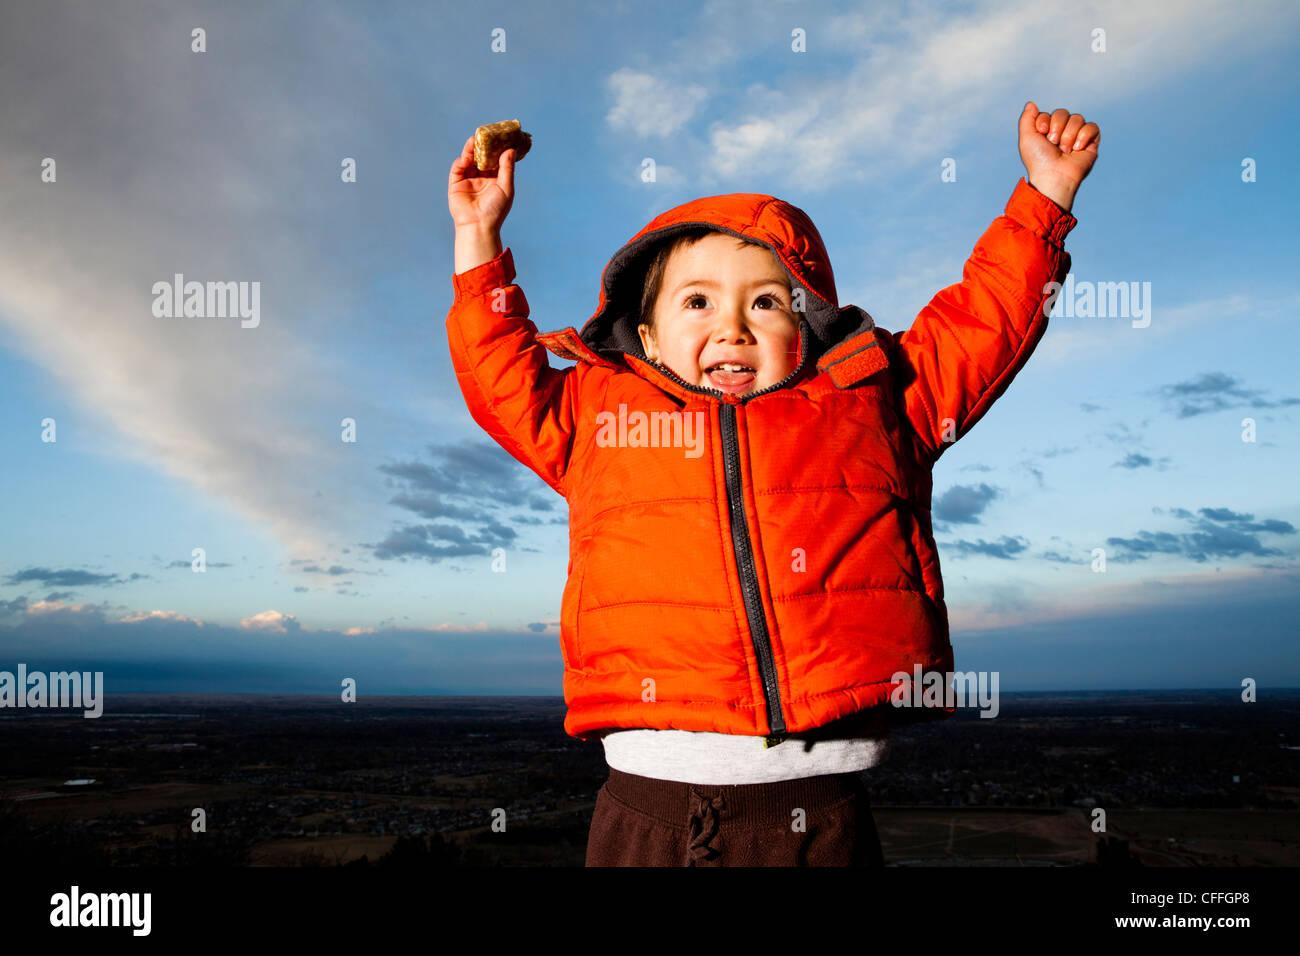 Un giovane ragazzo alza le mani in eccitazione all'aperto in Fort Collins, Colorado. Immagini Stock